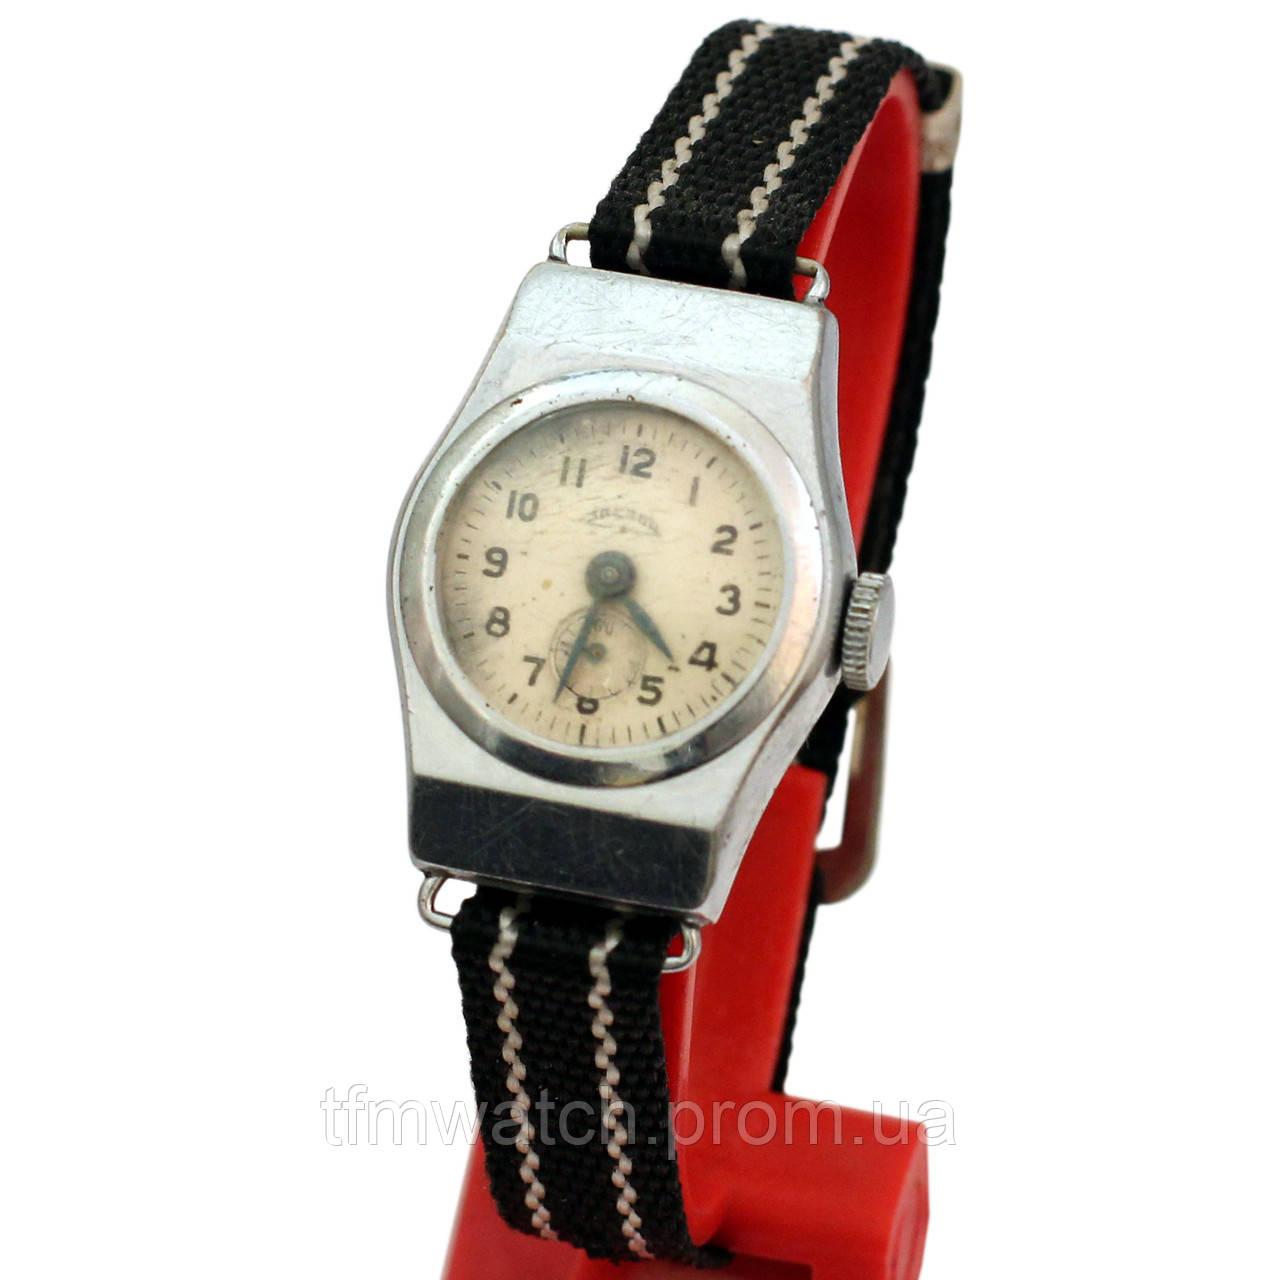 Звезда механические женские часы СССР